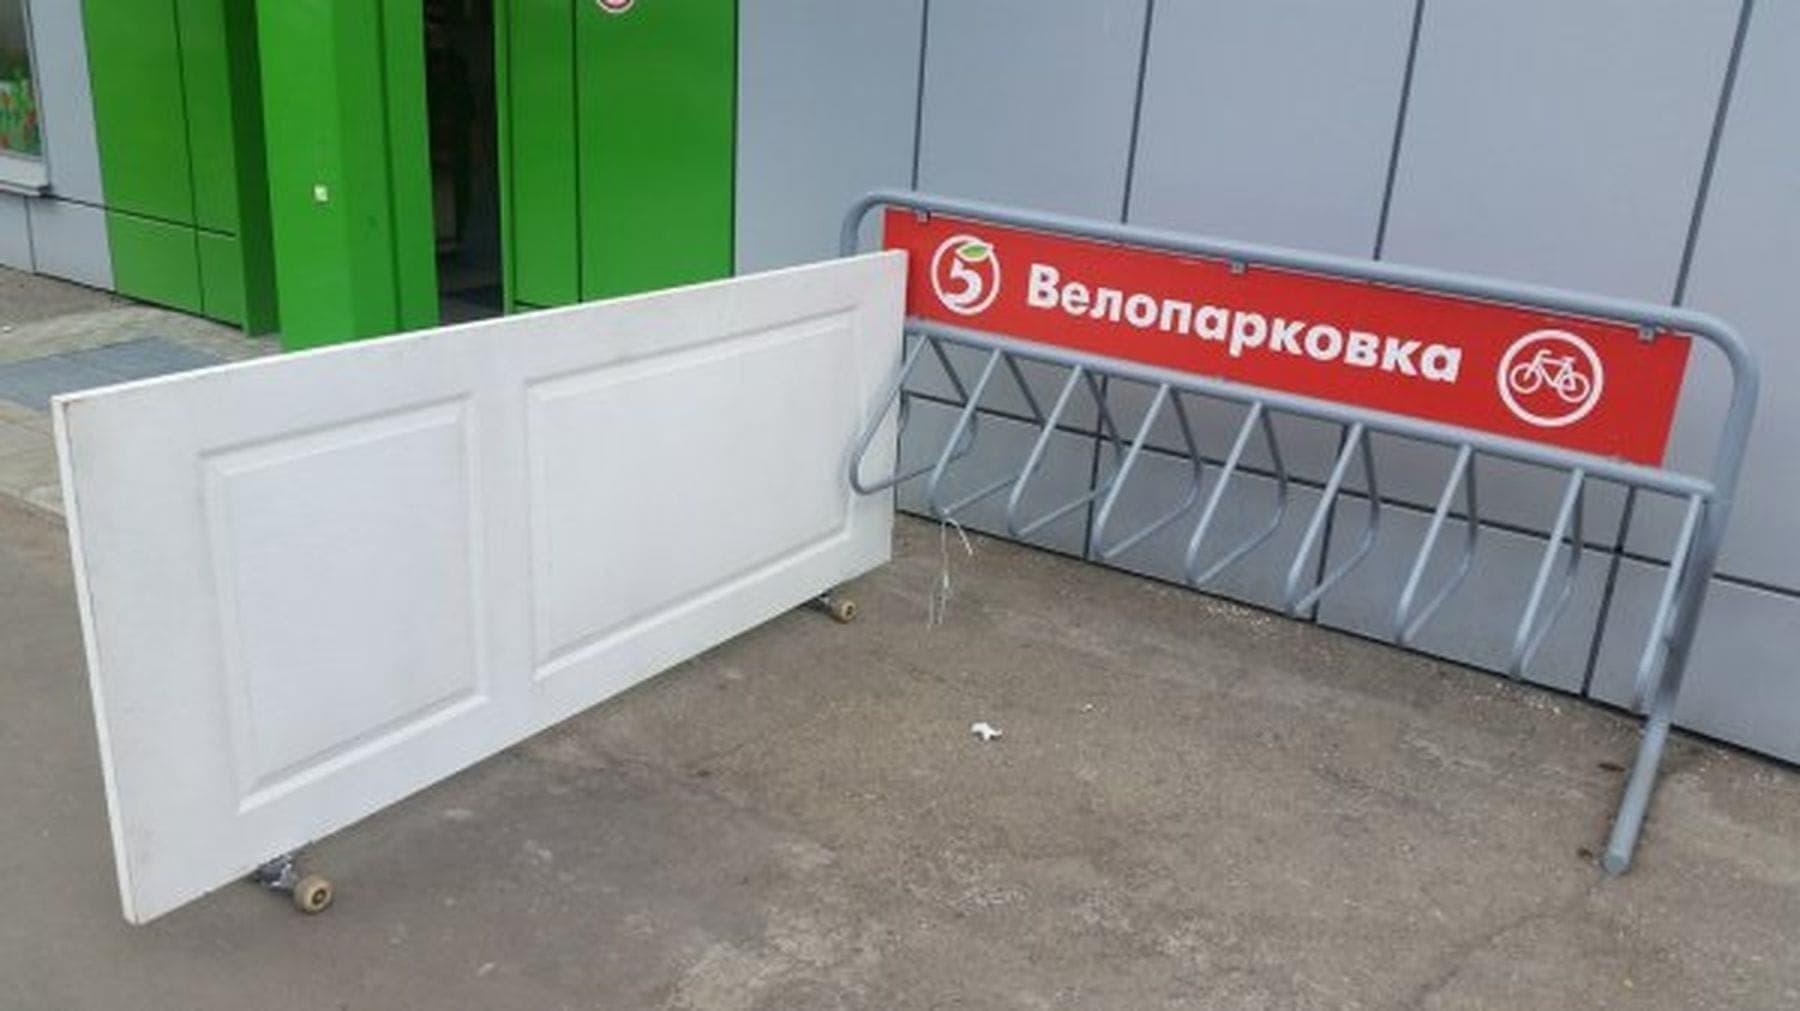 Nach e-Scootern kommen ... Türen? | Lustiges | Was is hier eigentlich los?